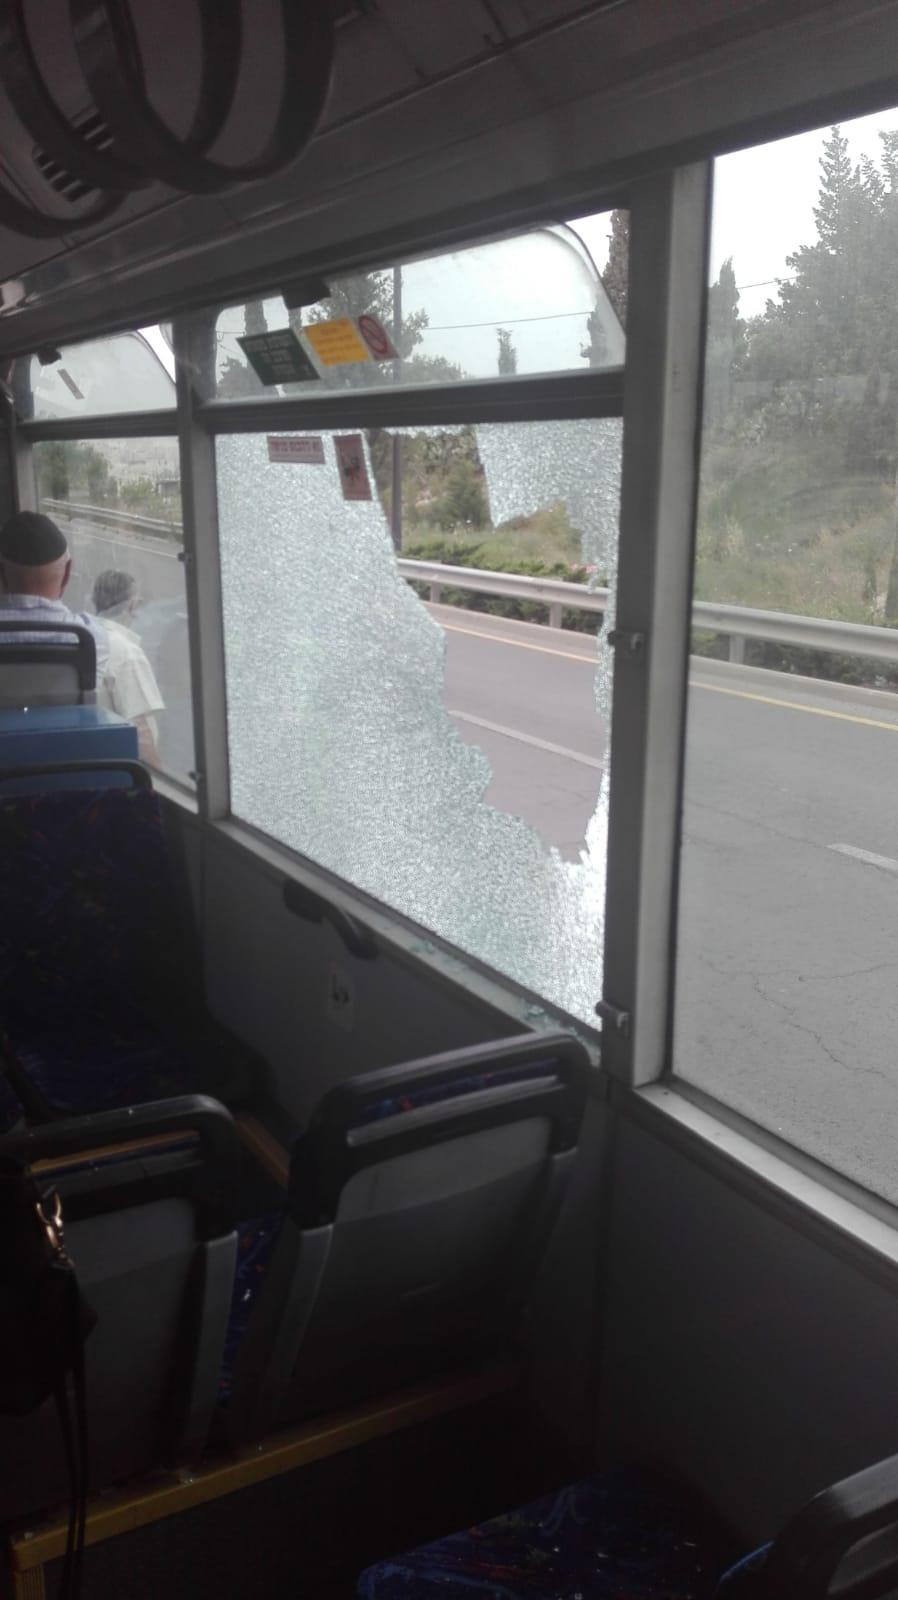 אבנים הושלכו לעבר אוטובוס קו 25, שמשה מנופצת